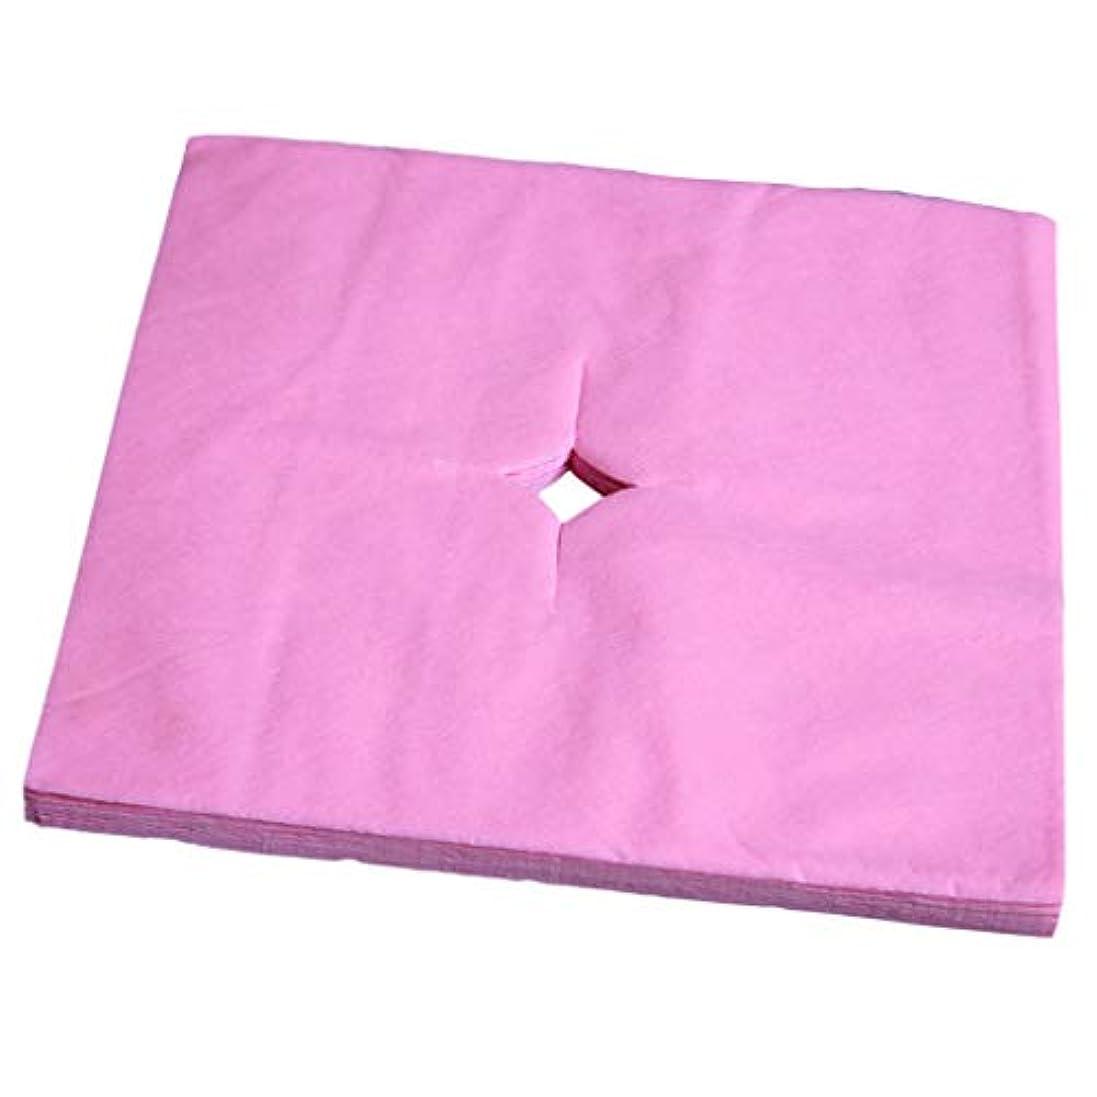 ピストンバルコニータイピストフェイスクレードルカバー 使い捨て 寝具カバー 不織布 柔らかい 便利 衛生的 全3色 - ピンク